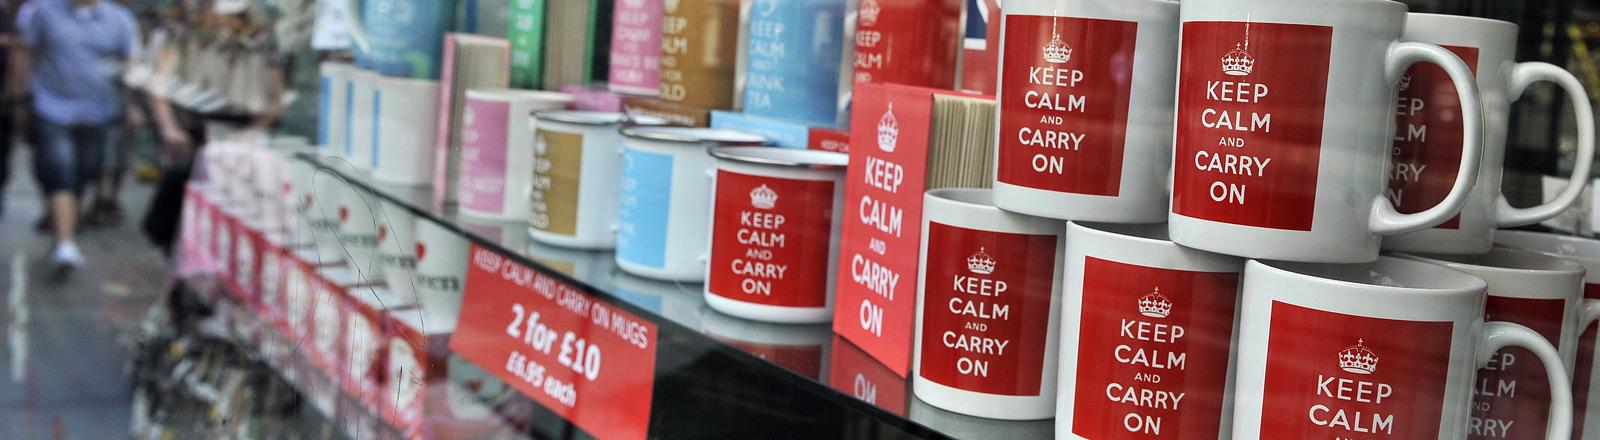 """Ein Souvenirshop in dessen Schaufenster Tassen zu sehen sind, auf denen """"Keep calm and carry on"""" steht."""